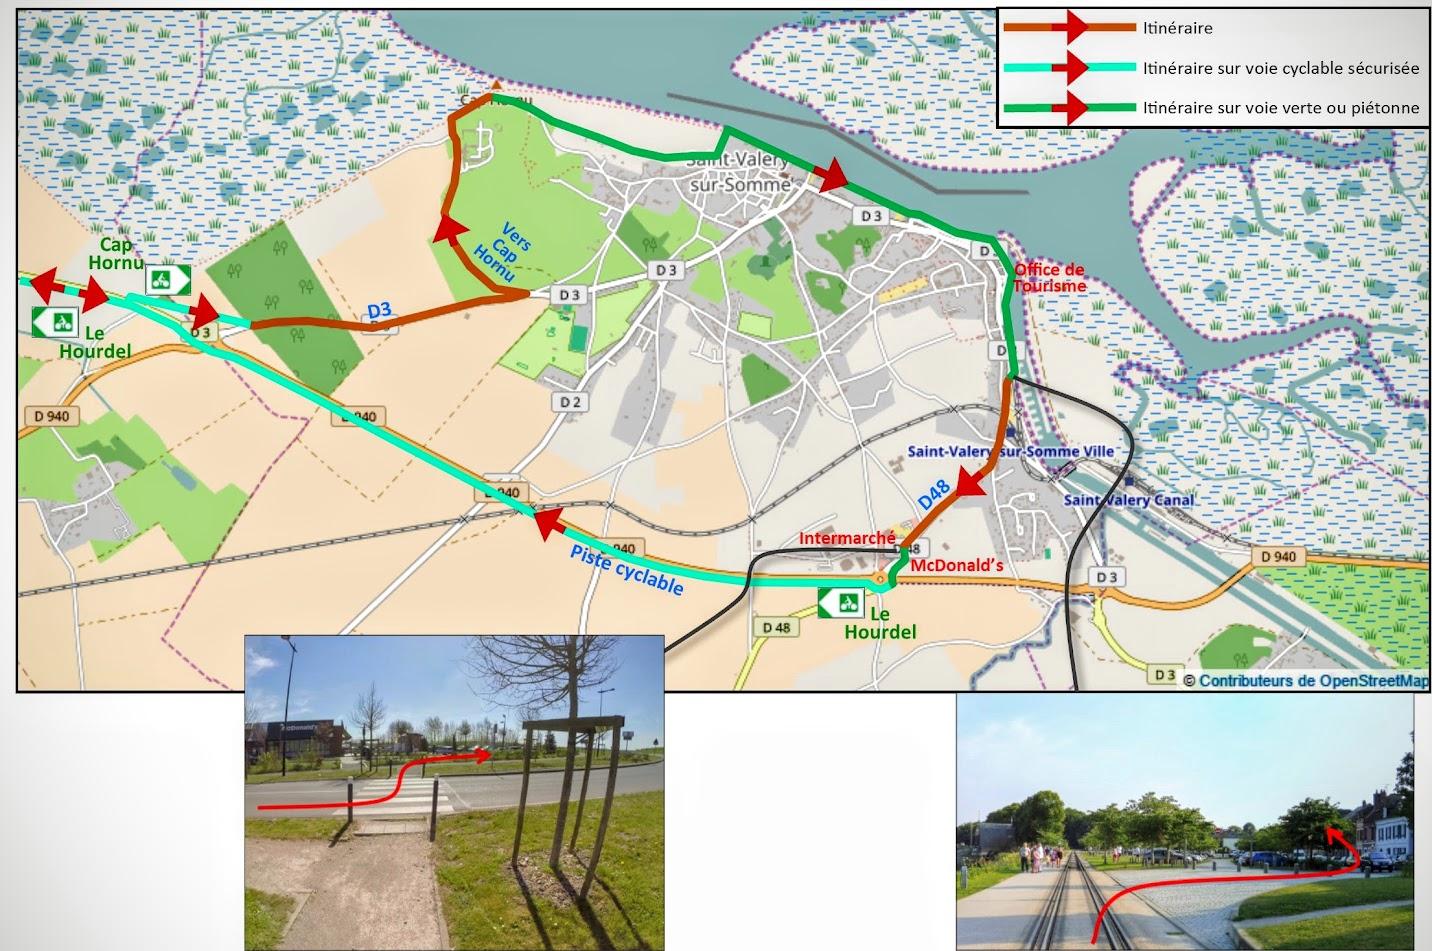 Carte 1 : Cheminement cyclable entre St Valery-sur-Somme et Cayeux-sur-Mer  - Blog Les Balades à vélo autour de La Baie de Somme par veloiledefrance.com